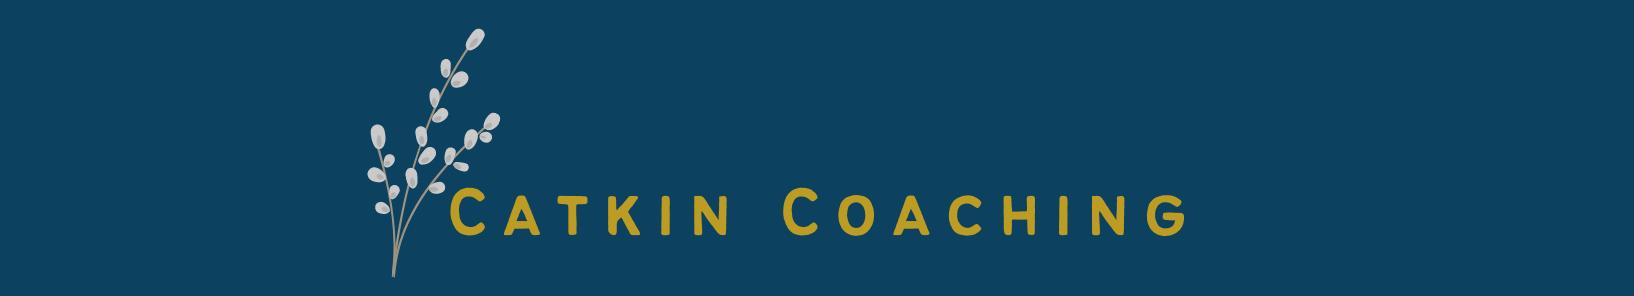 Catkin Coaching